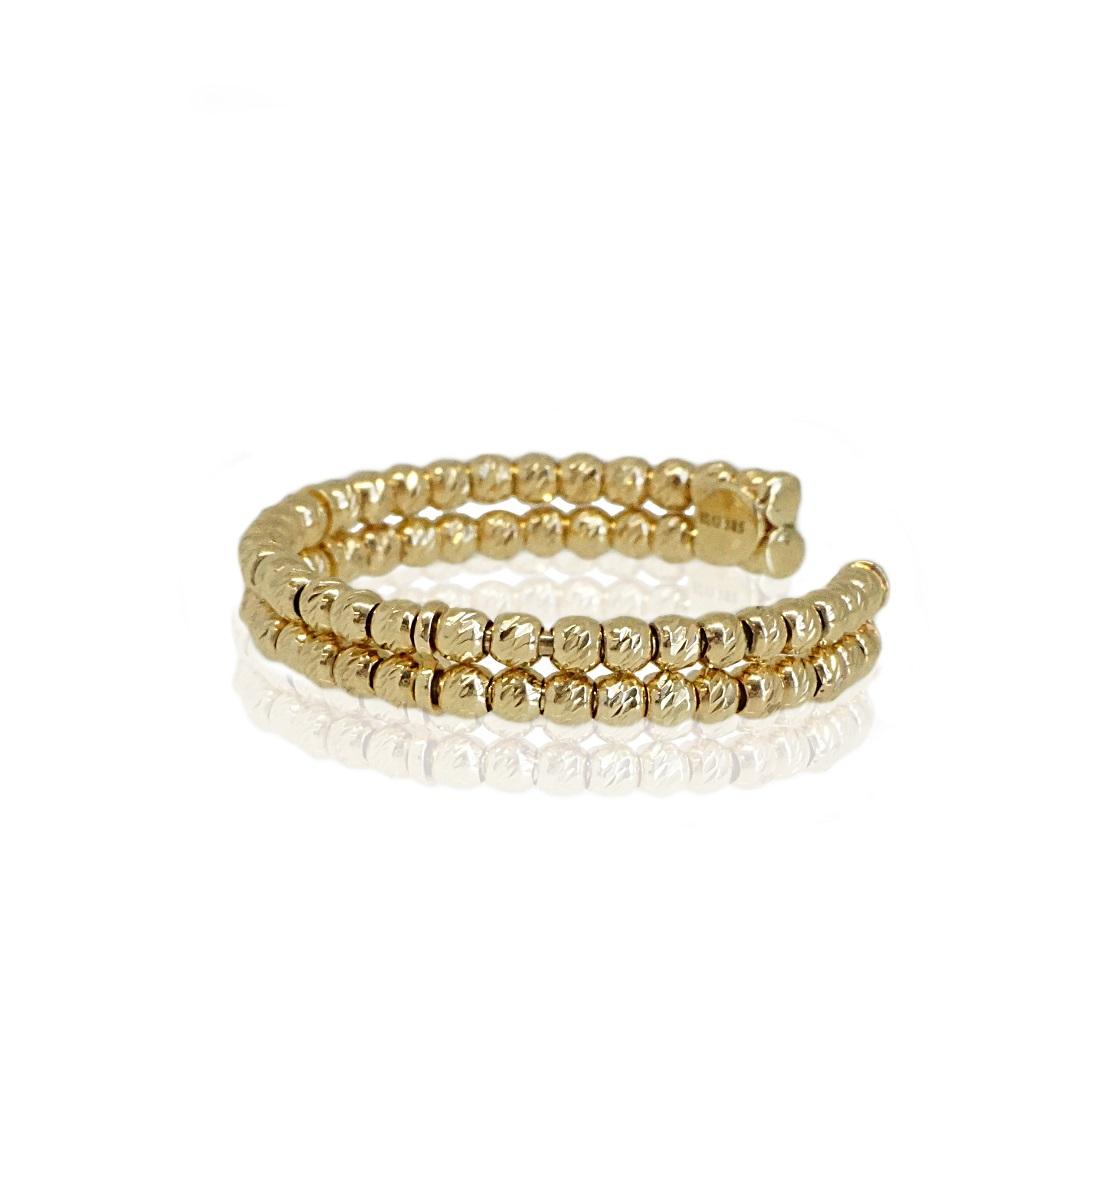 טבעת זהב כדורים פתוחה|טבעת כדורים